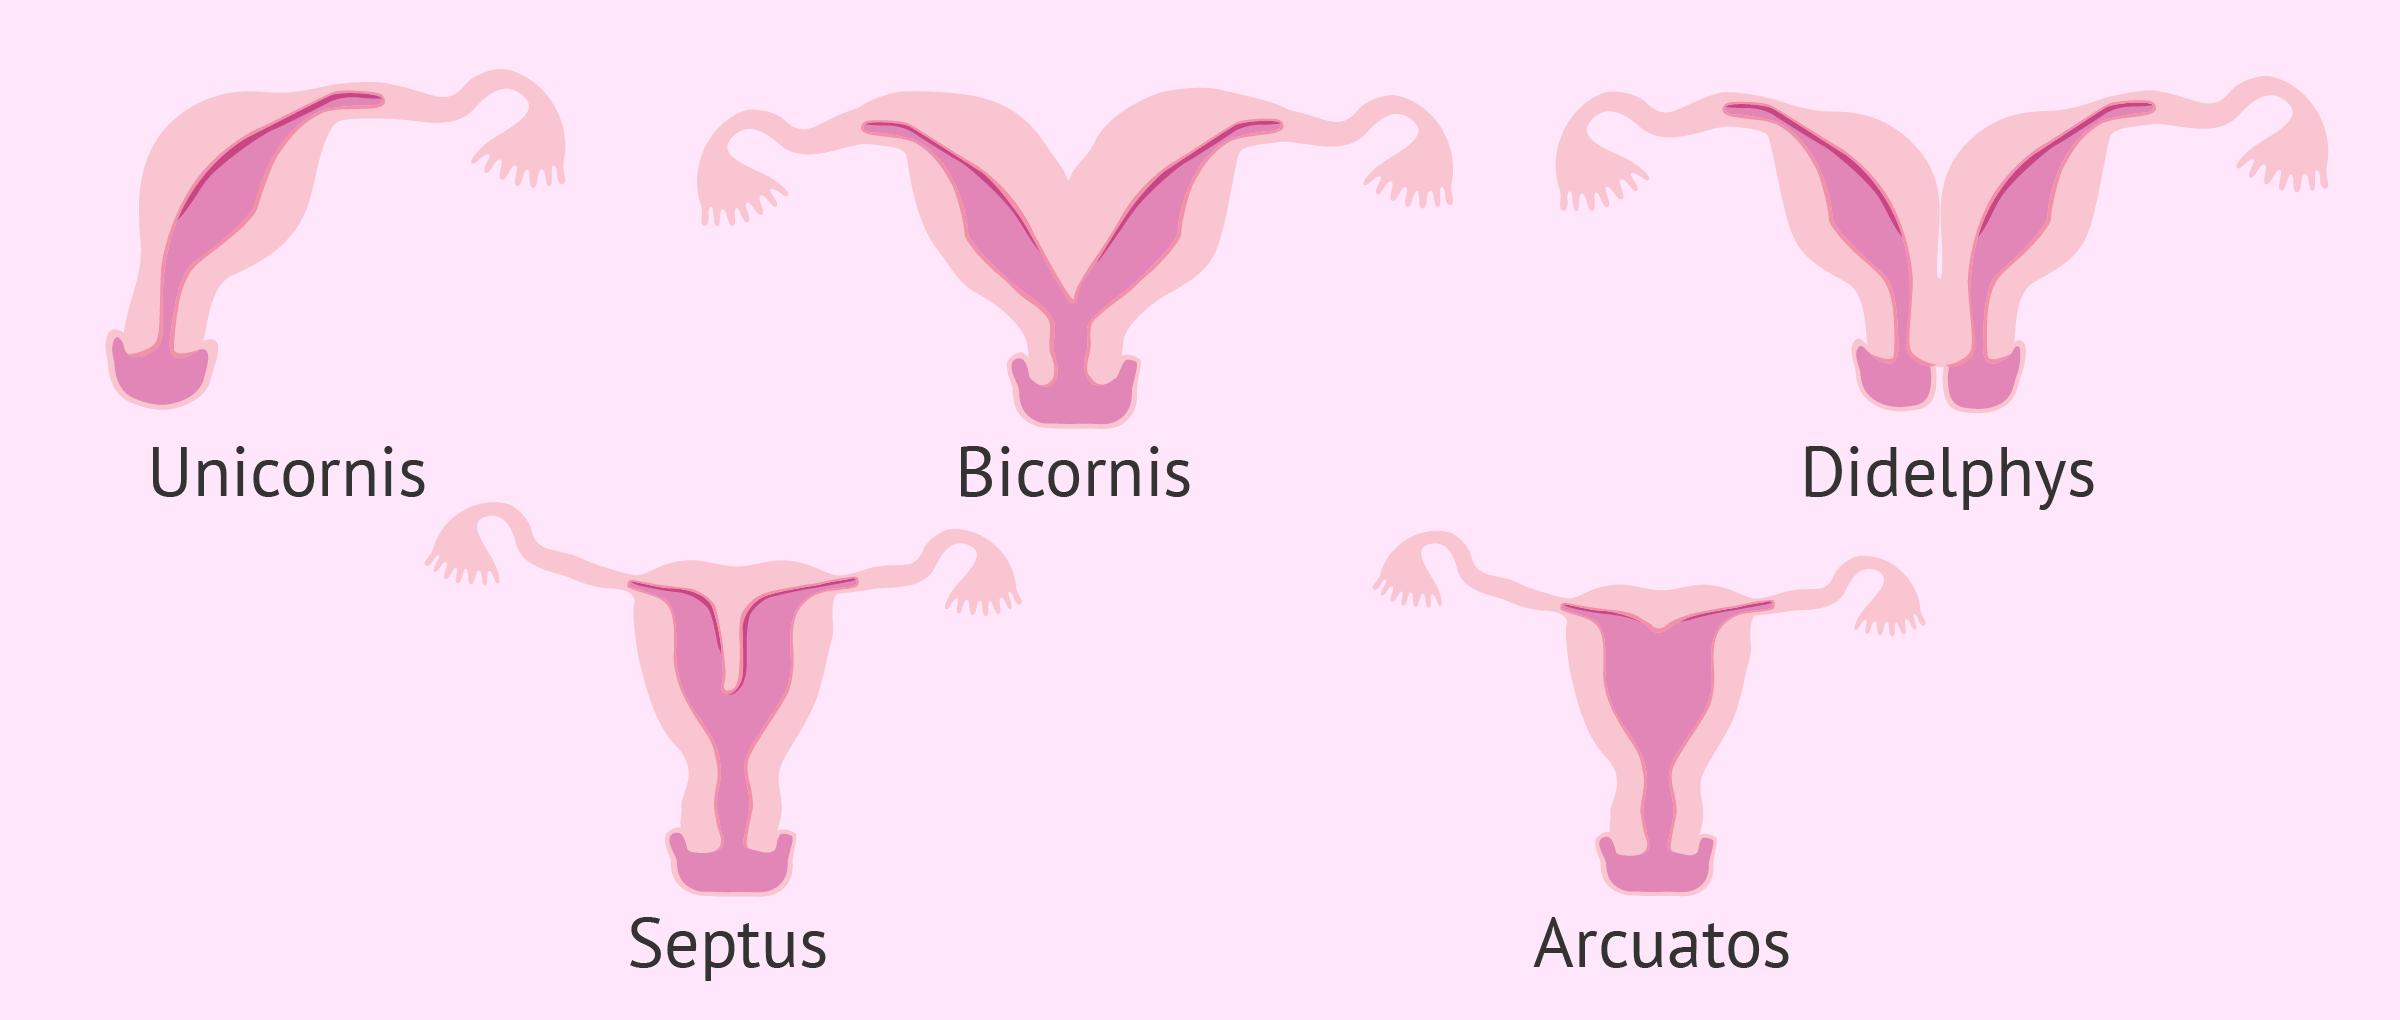 Gebärmuttererkrankungen